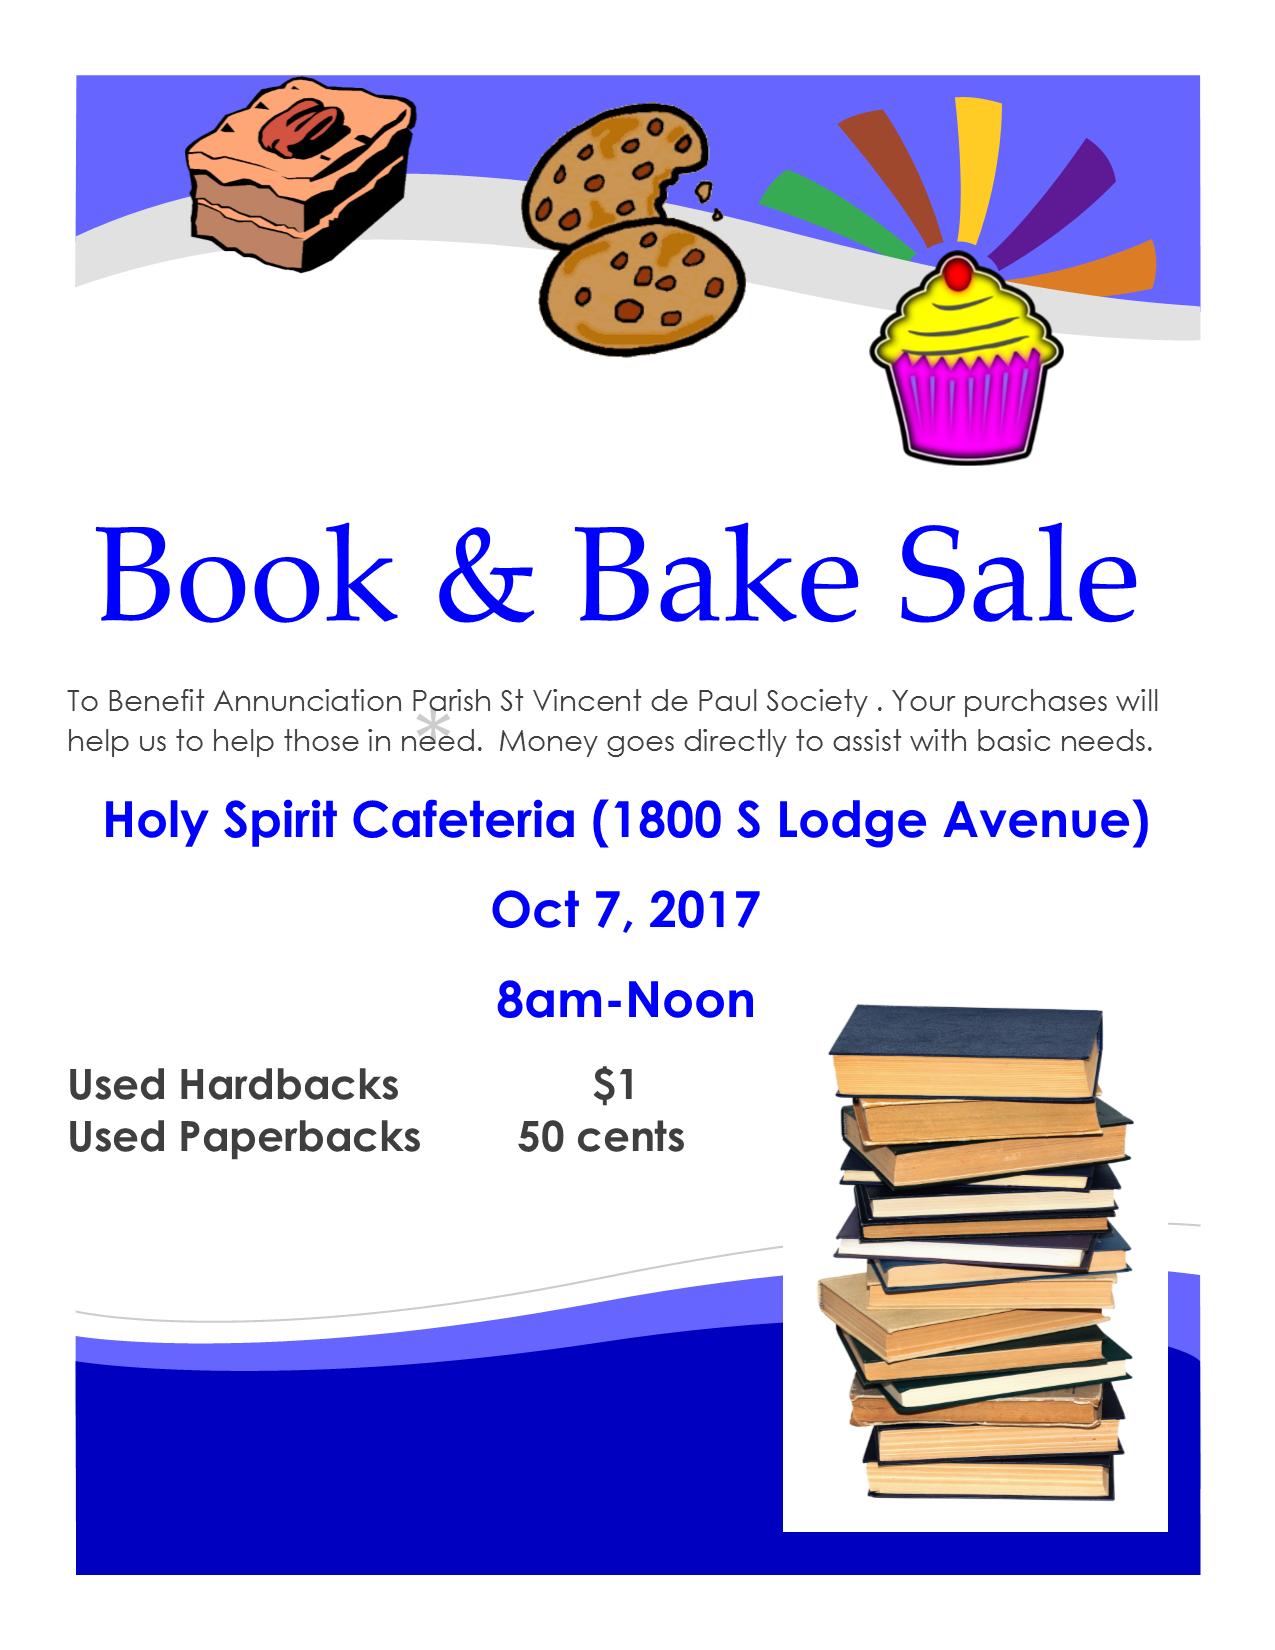 Annunciation Parish SVdP Conference Hosting Book & Bake Sale!